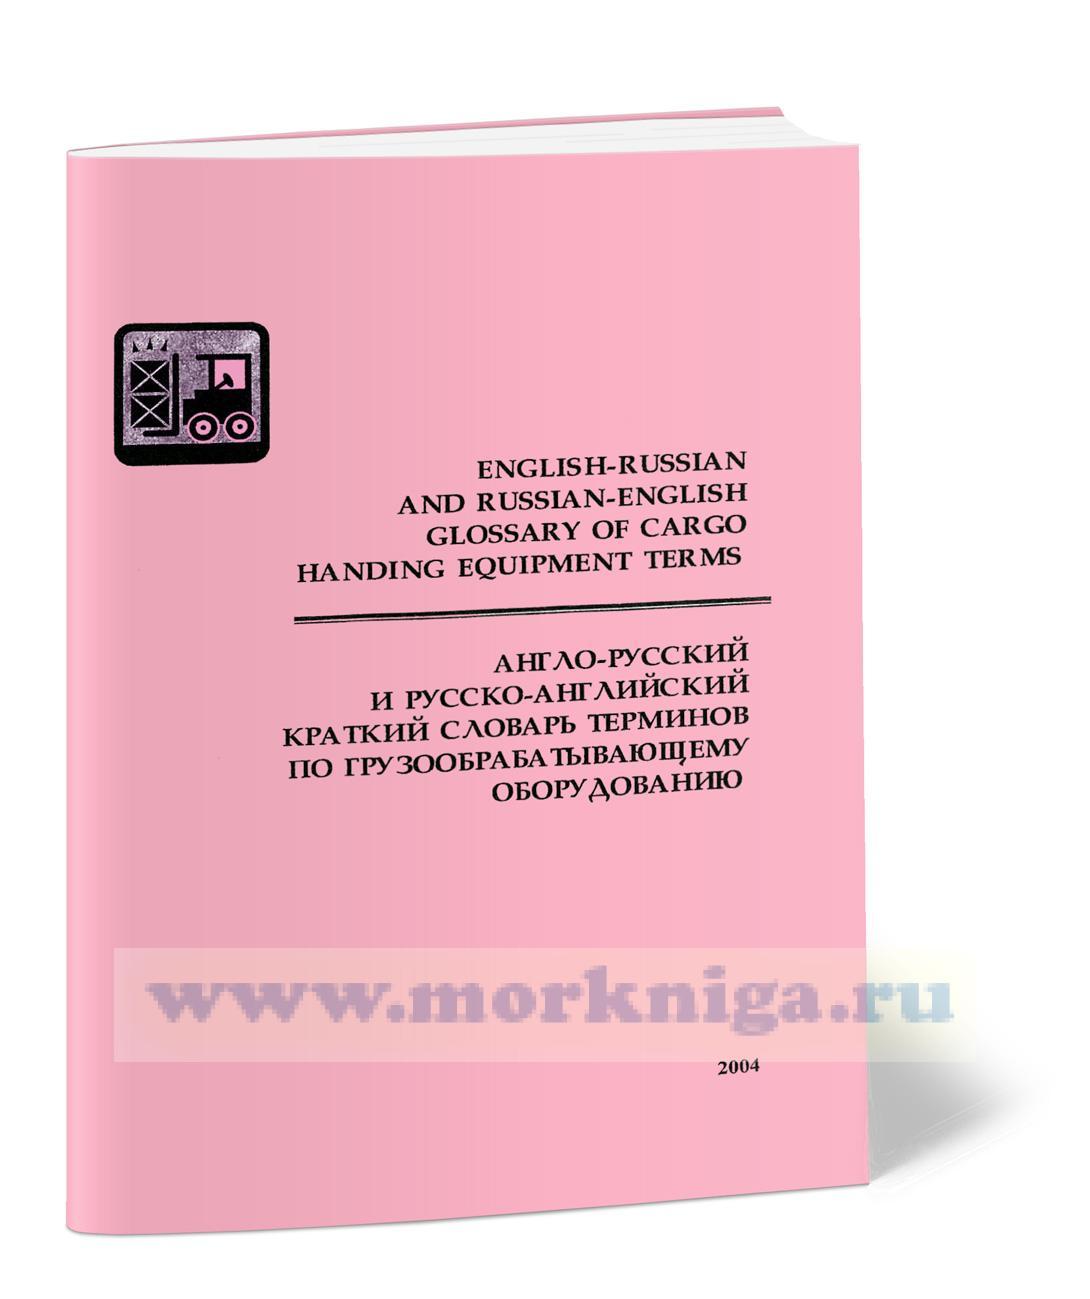 Англо-Русский и Русско-Английский краткий словарь терминов по грузообробатывающему оборудованию